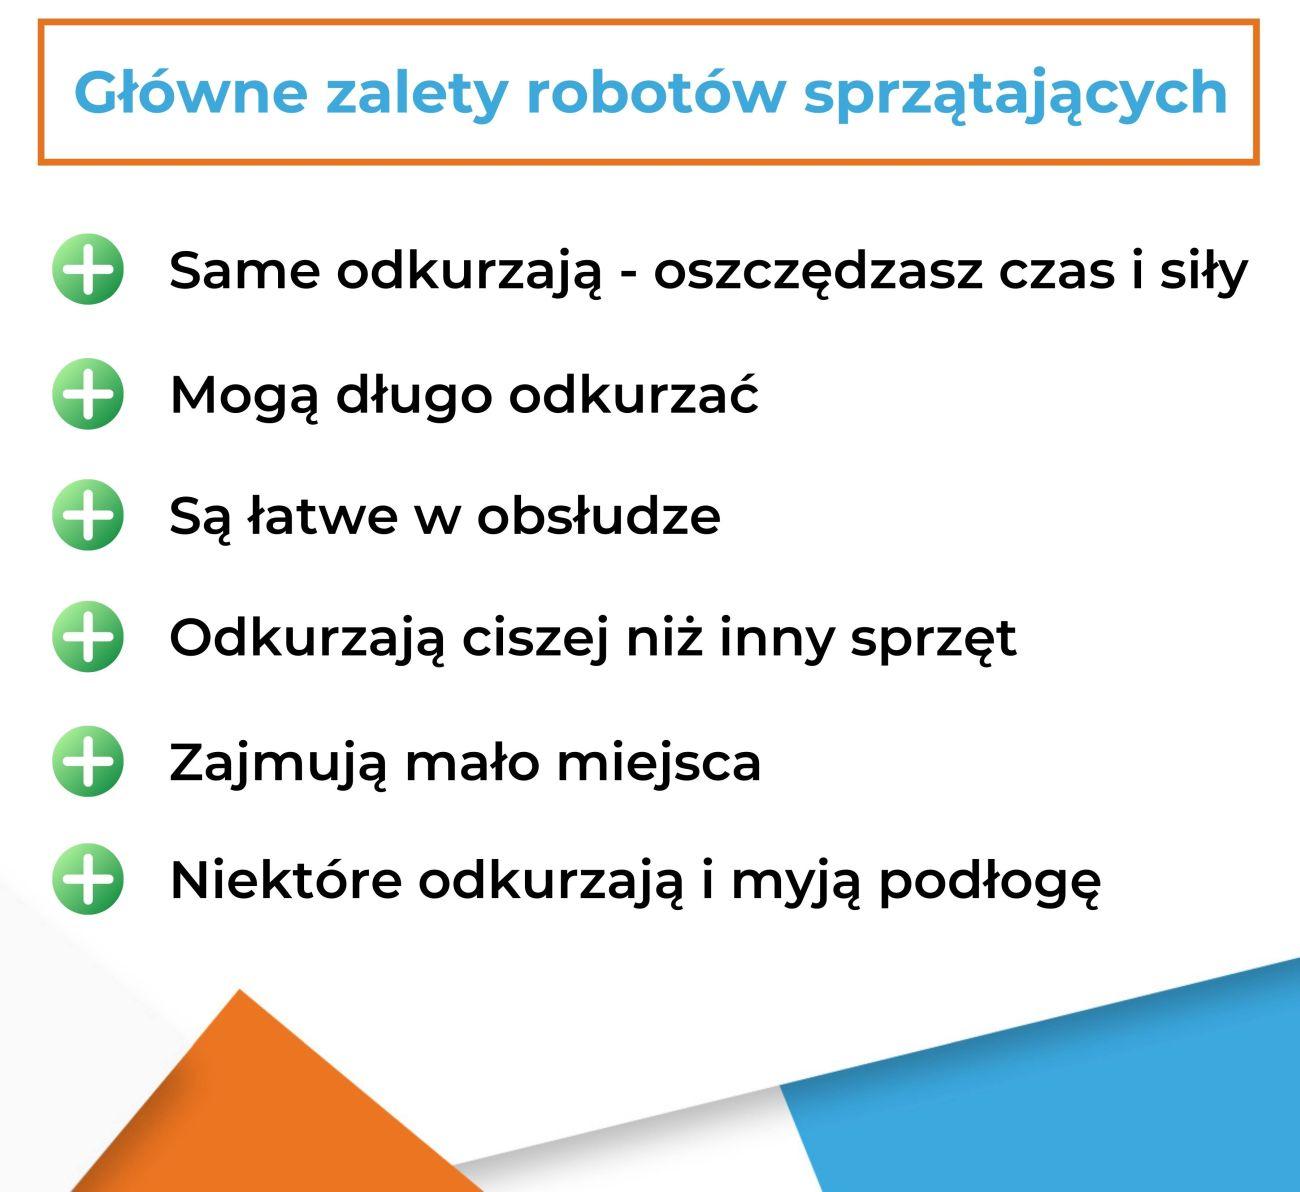 Główne zalety robotów sprzątających - infografika